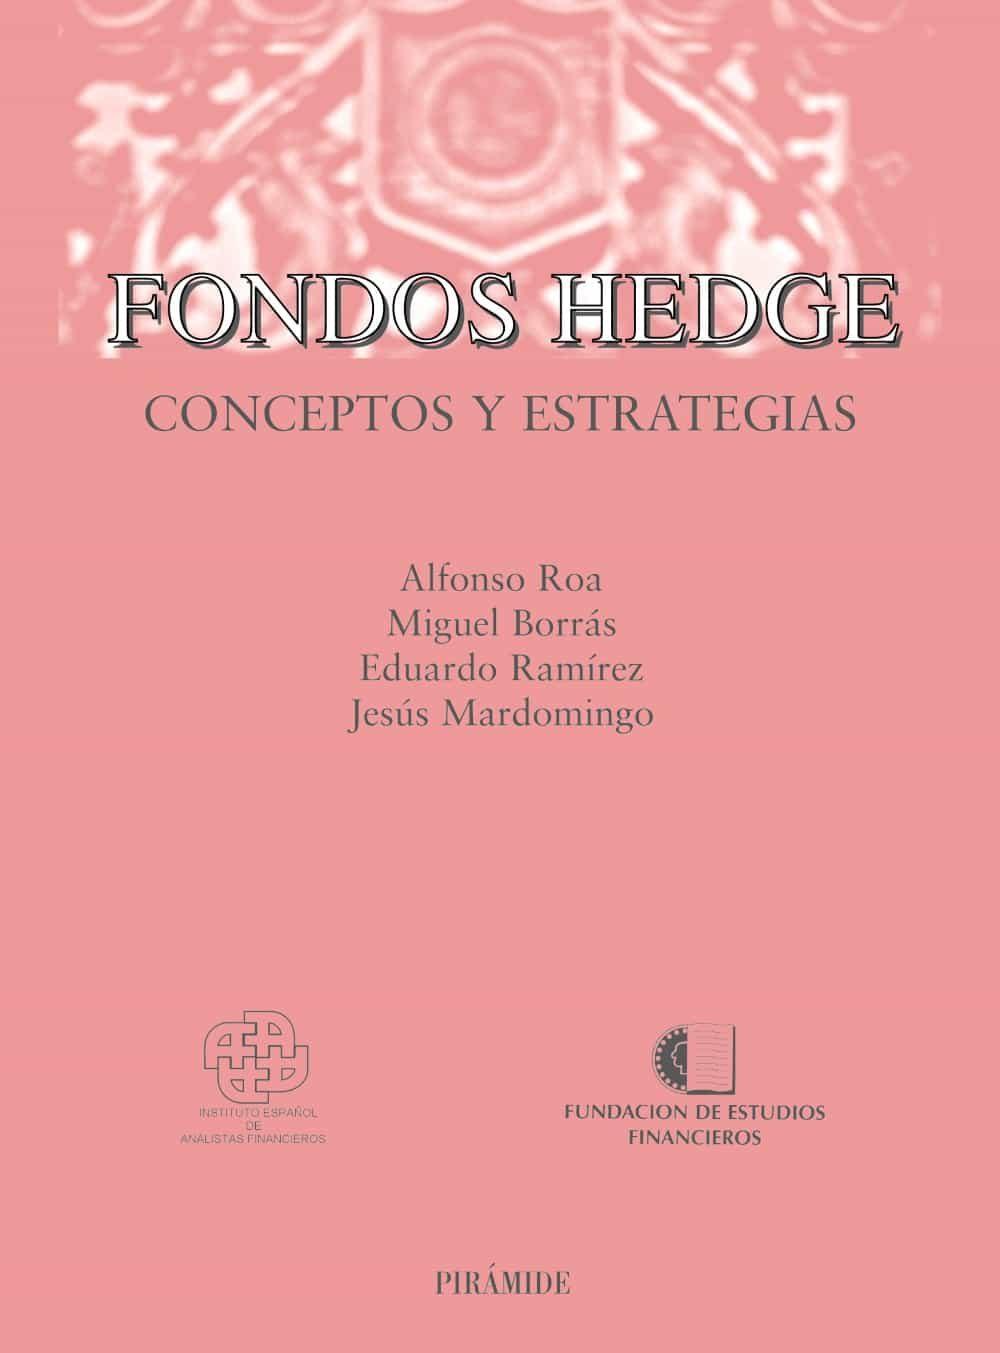 Fondos Hedge_conceptos Y Estrategias por Vv.aa.